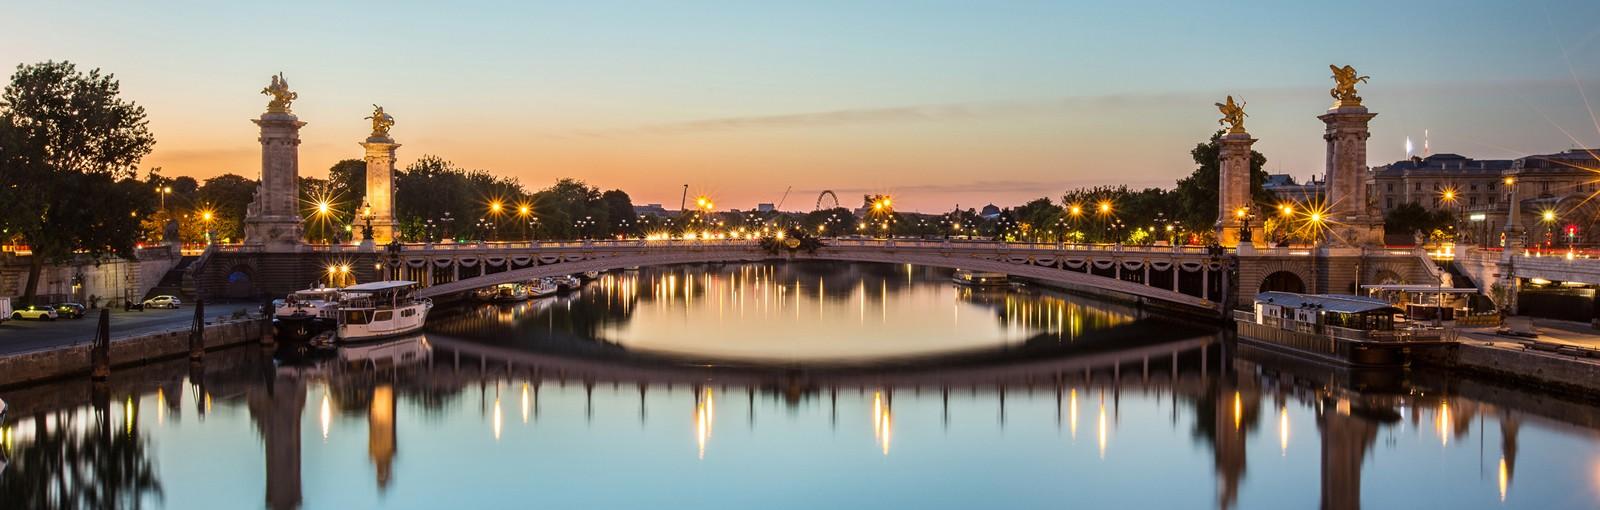 Tours Tour de noche 'Luces' - Tours de ciudad - Visitas de Paris